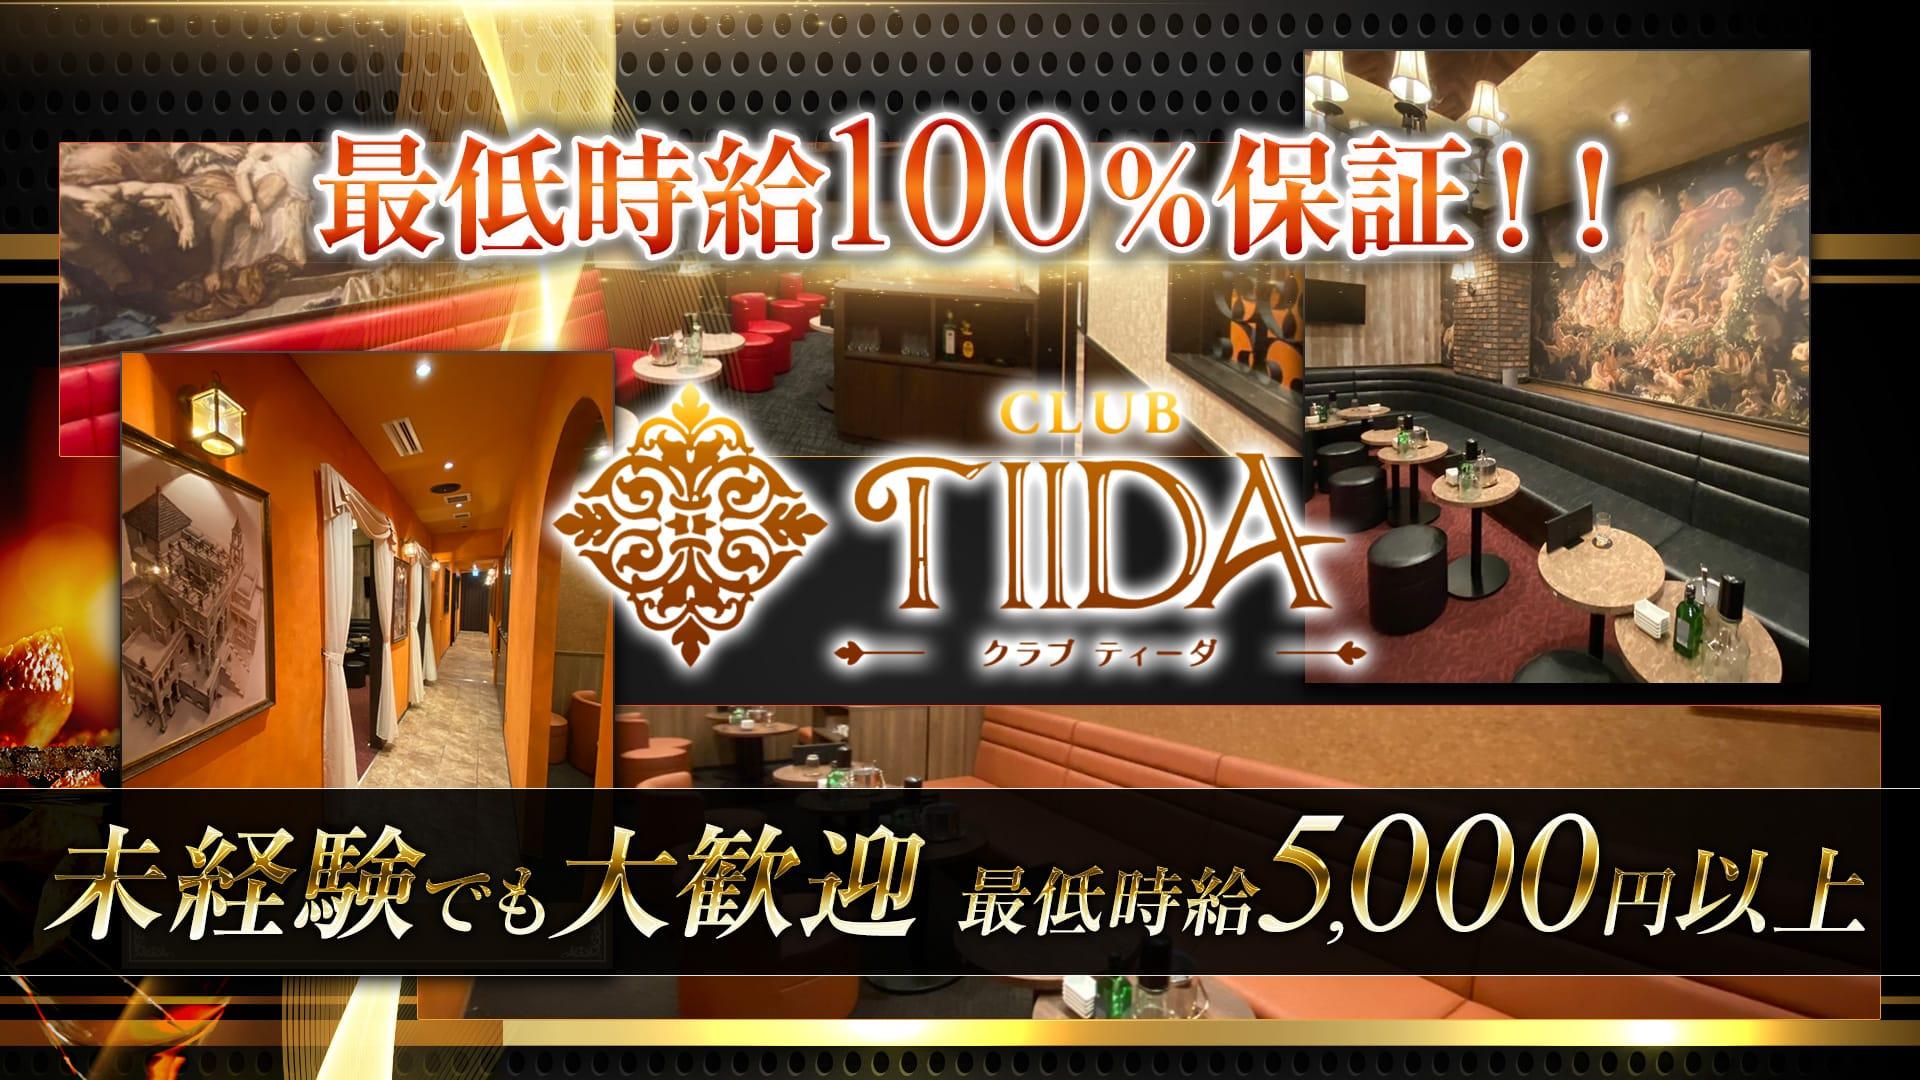 CLUB TIIDA(ティーダ) 錦糸町キャバクラ TOP画像